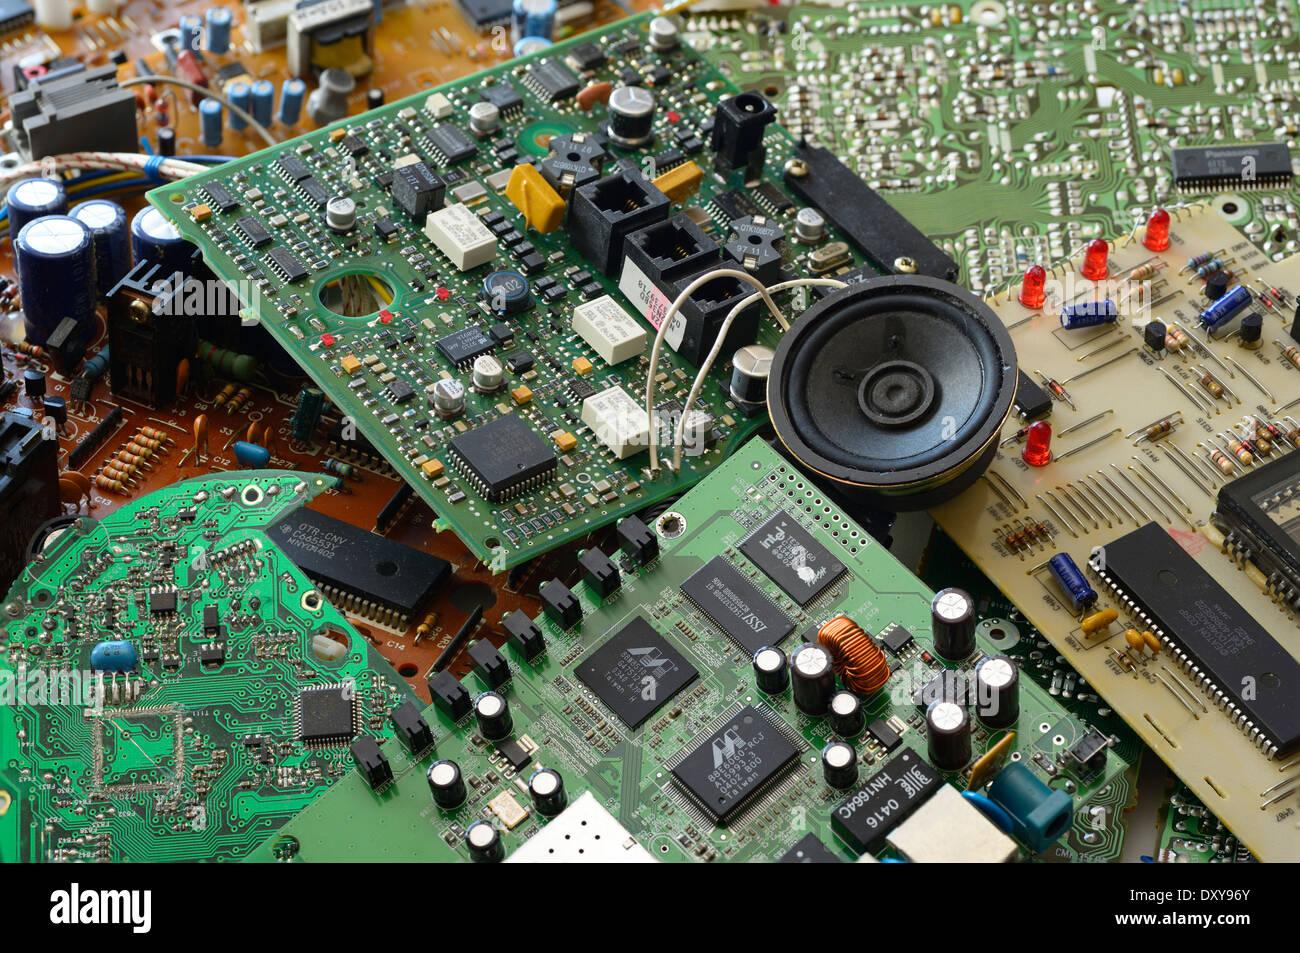 Recolección de basura con microchips de componentes electrónicos y placas de circuito impreso integrado Imagen De Stock